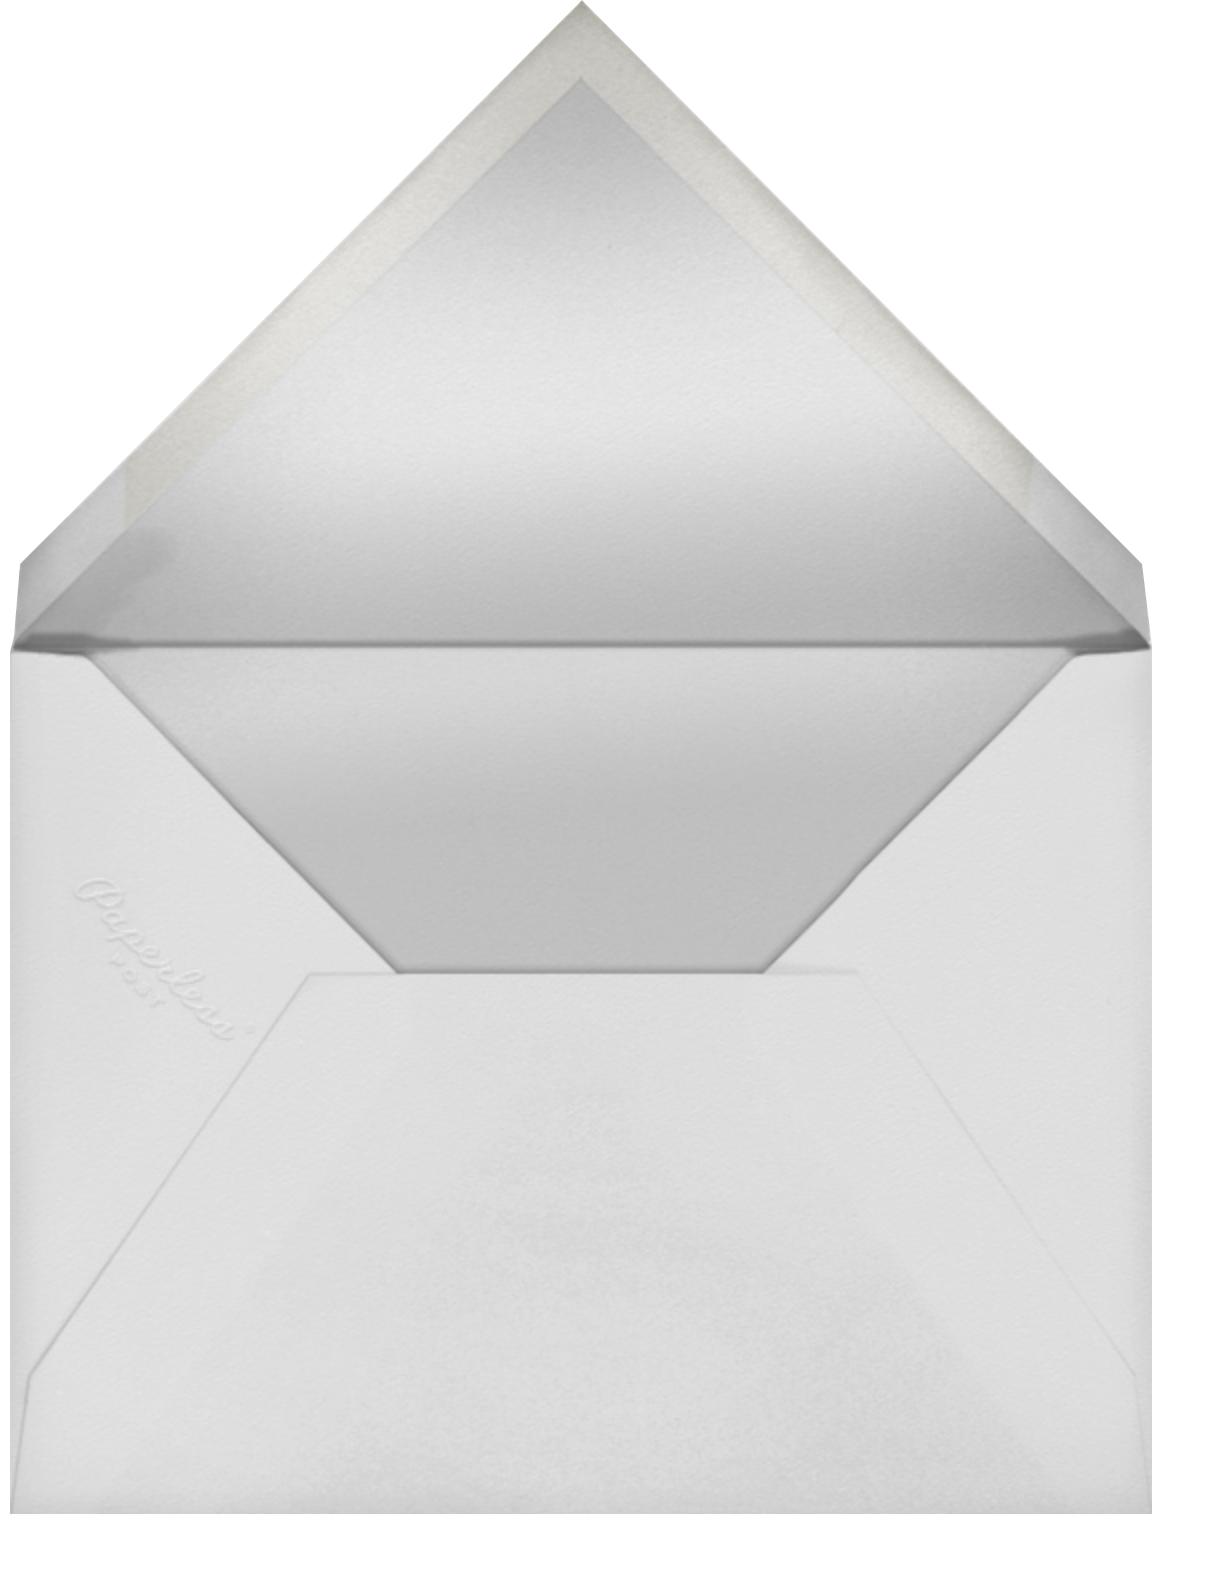 Tableau (Menu) - Paperless Post - Menus and programs - envelope back